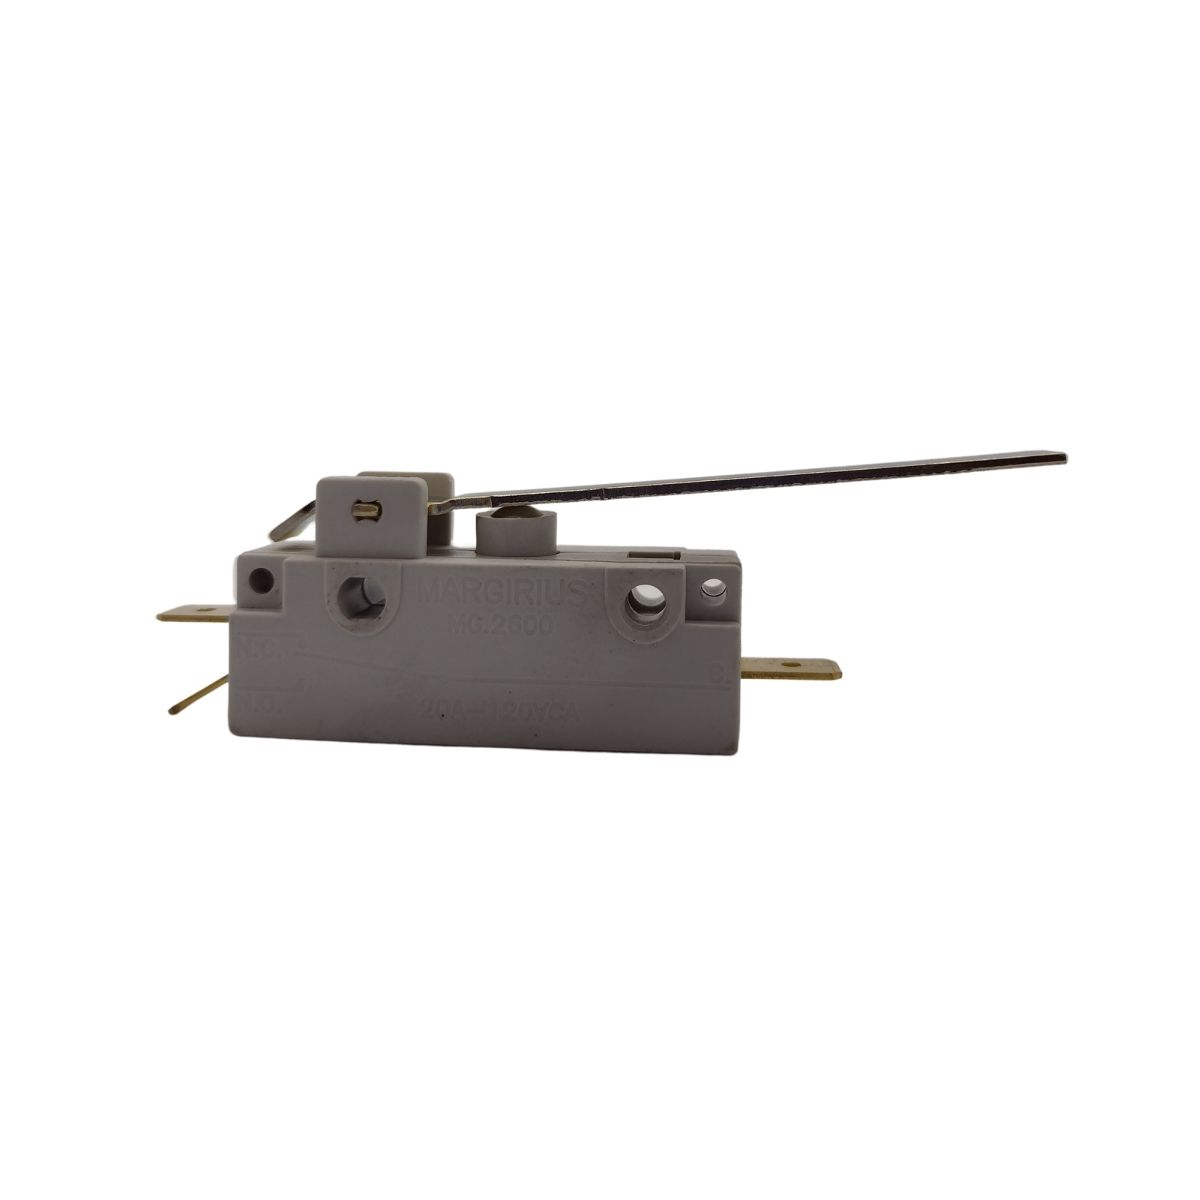 Micro Interruptor Original Para Motores Deslizante